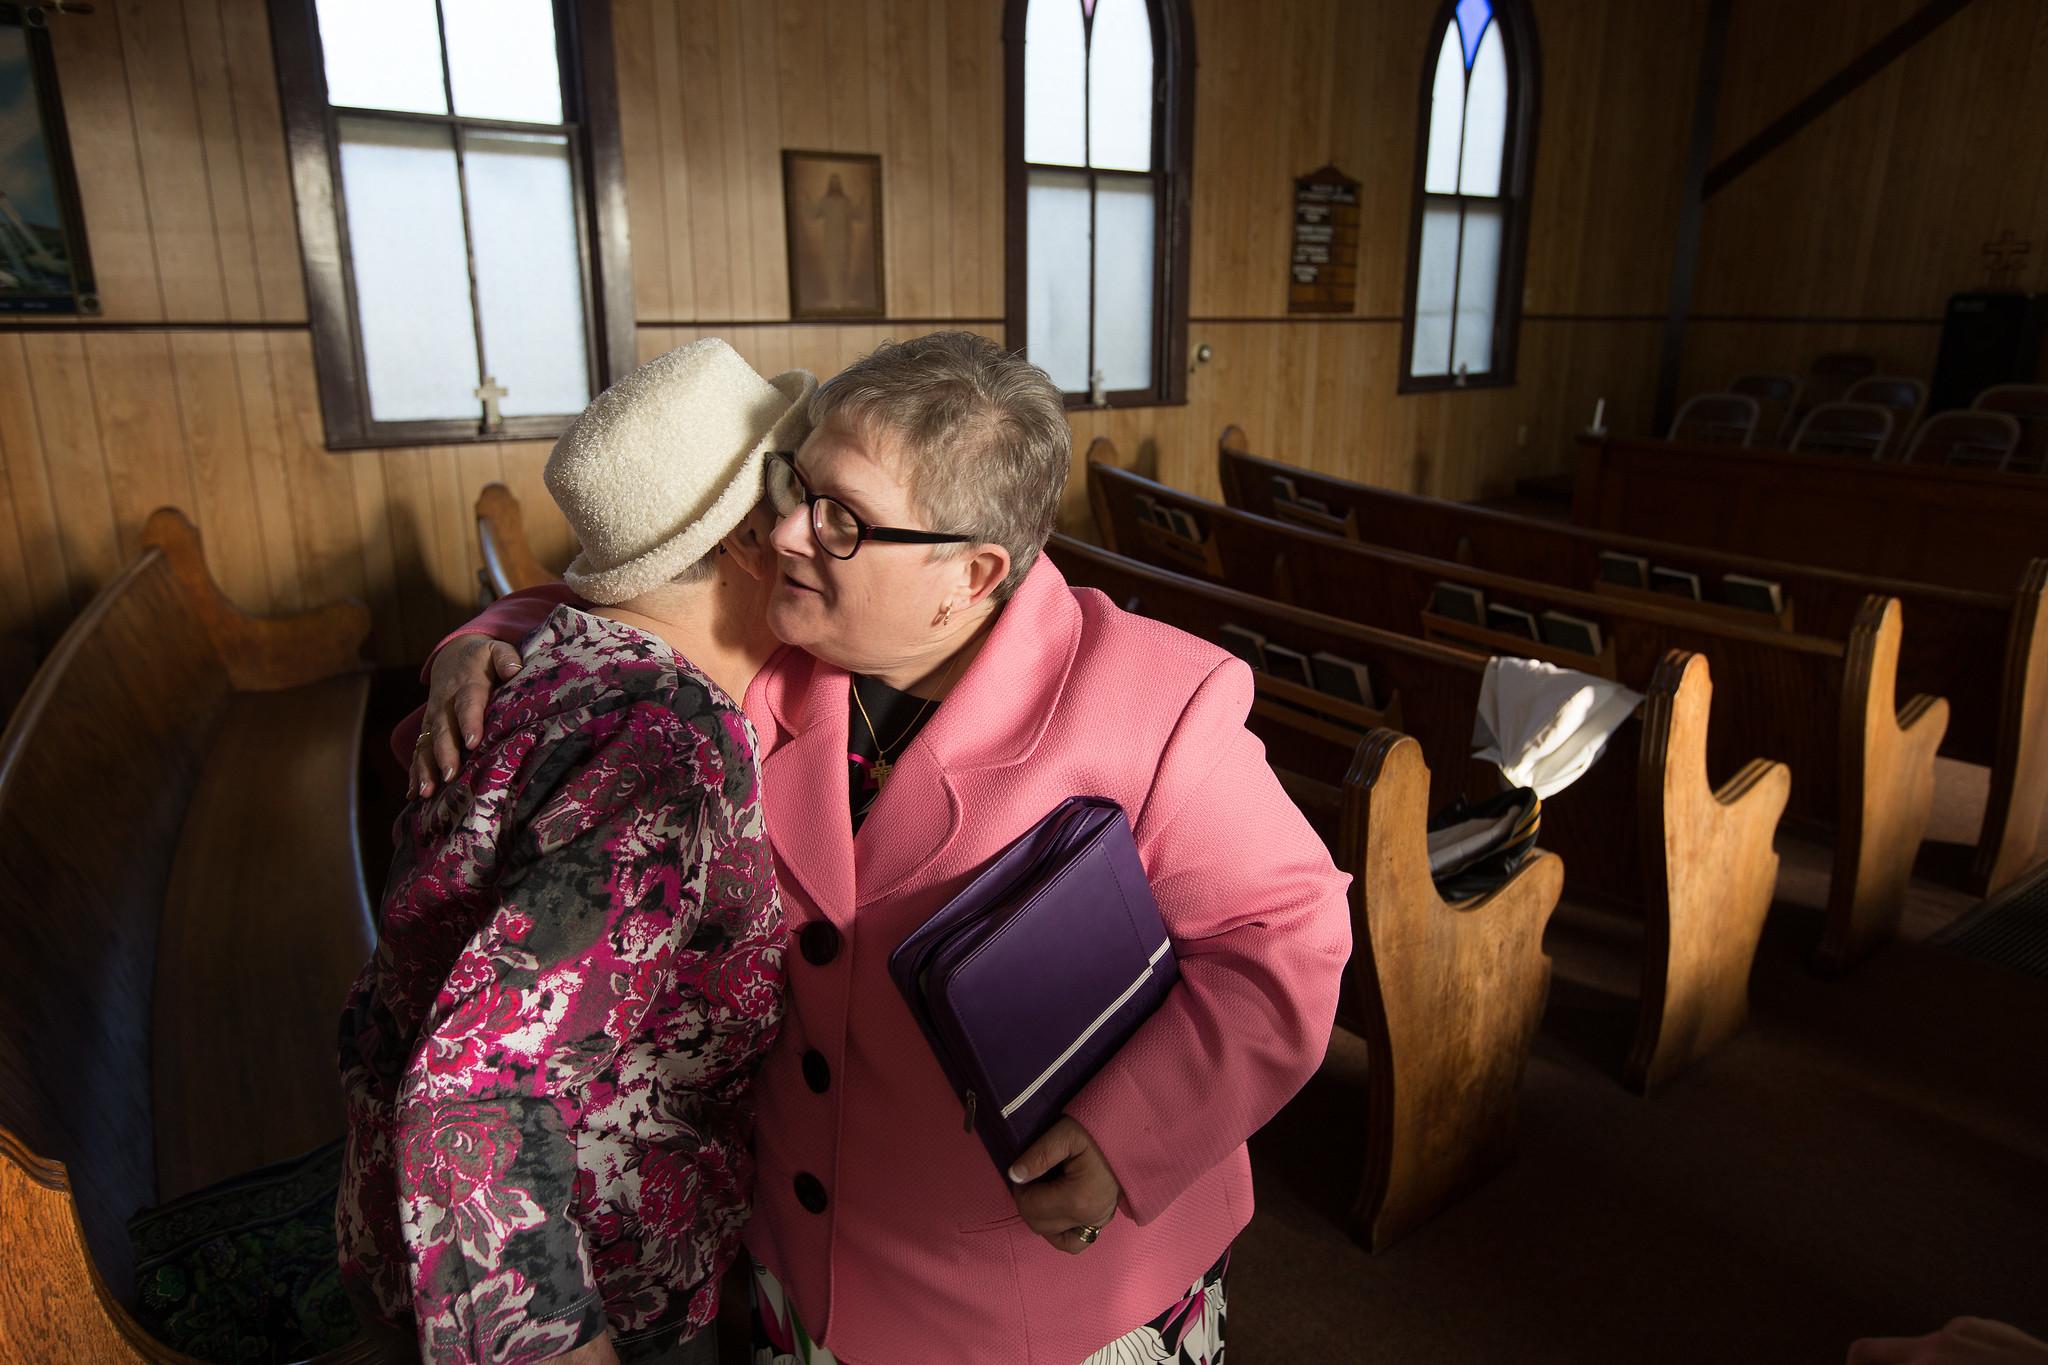 La révérende Judy Flynn (à droite) souhaite la bienvenue à Carmon Yeager au service du dimanche de Pâques à l'église méthodiste Bethel United à Junior, W.Va. Photo de Mike DuBose, UMNS.